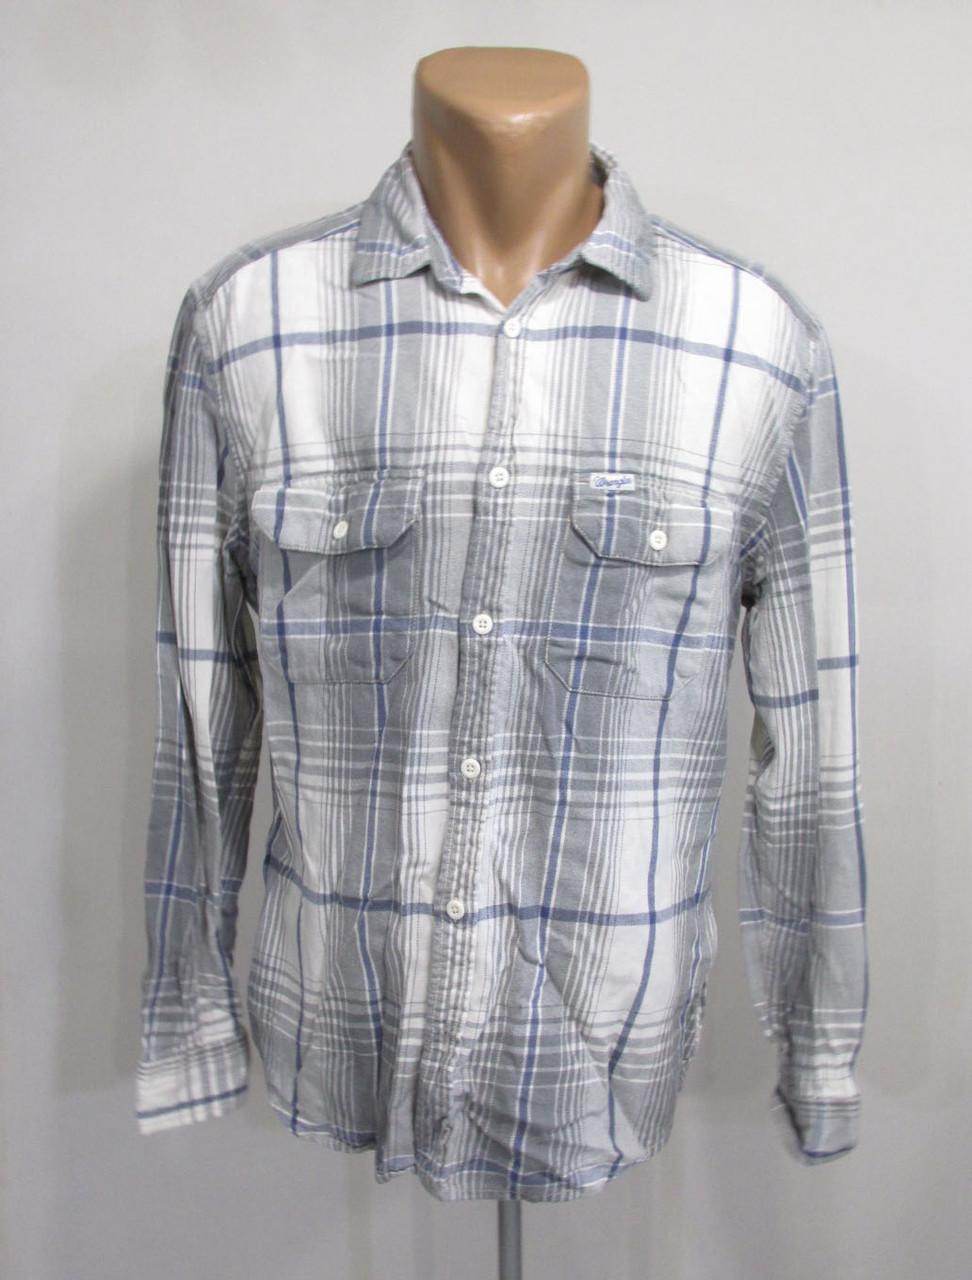 Рубашка Wrangler, L, винтажная, плотная, Отл сост!